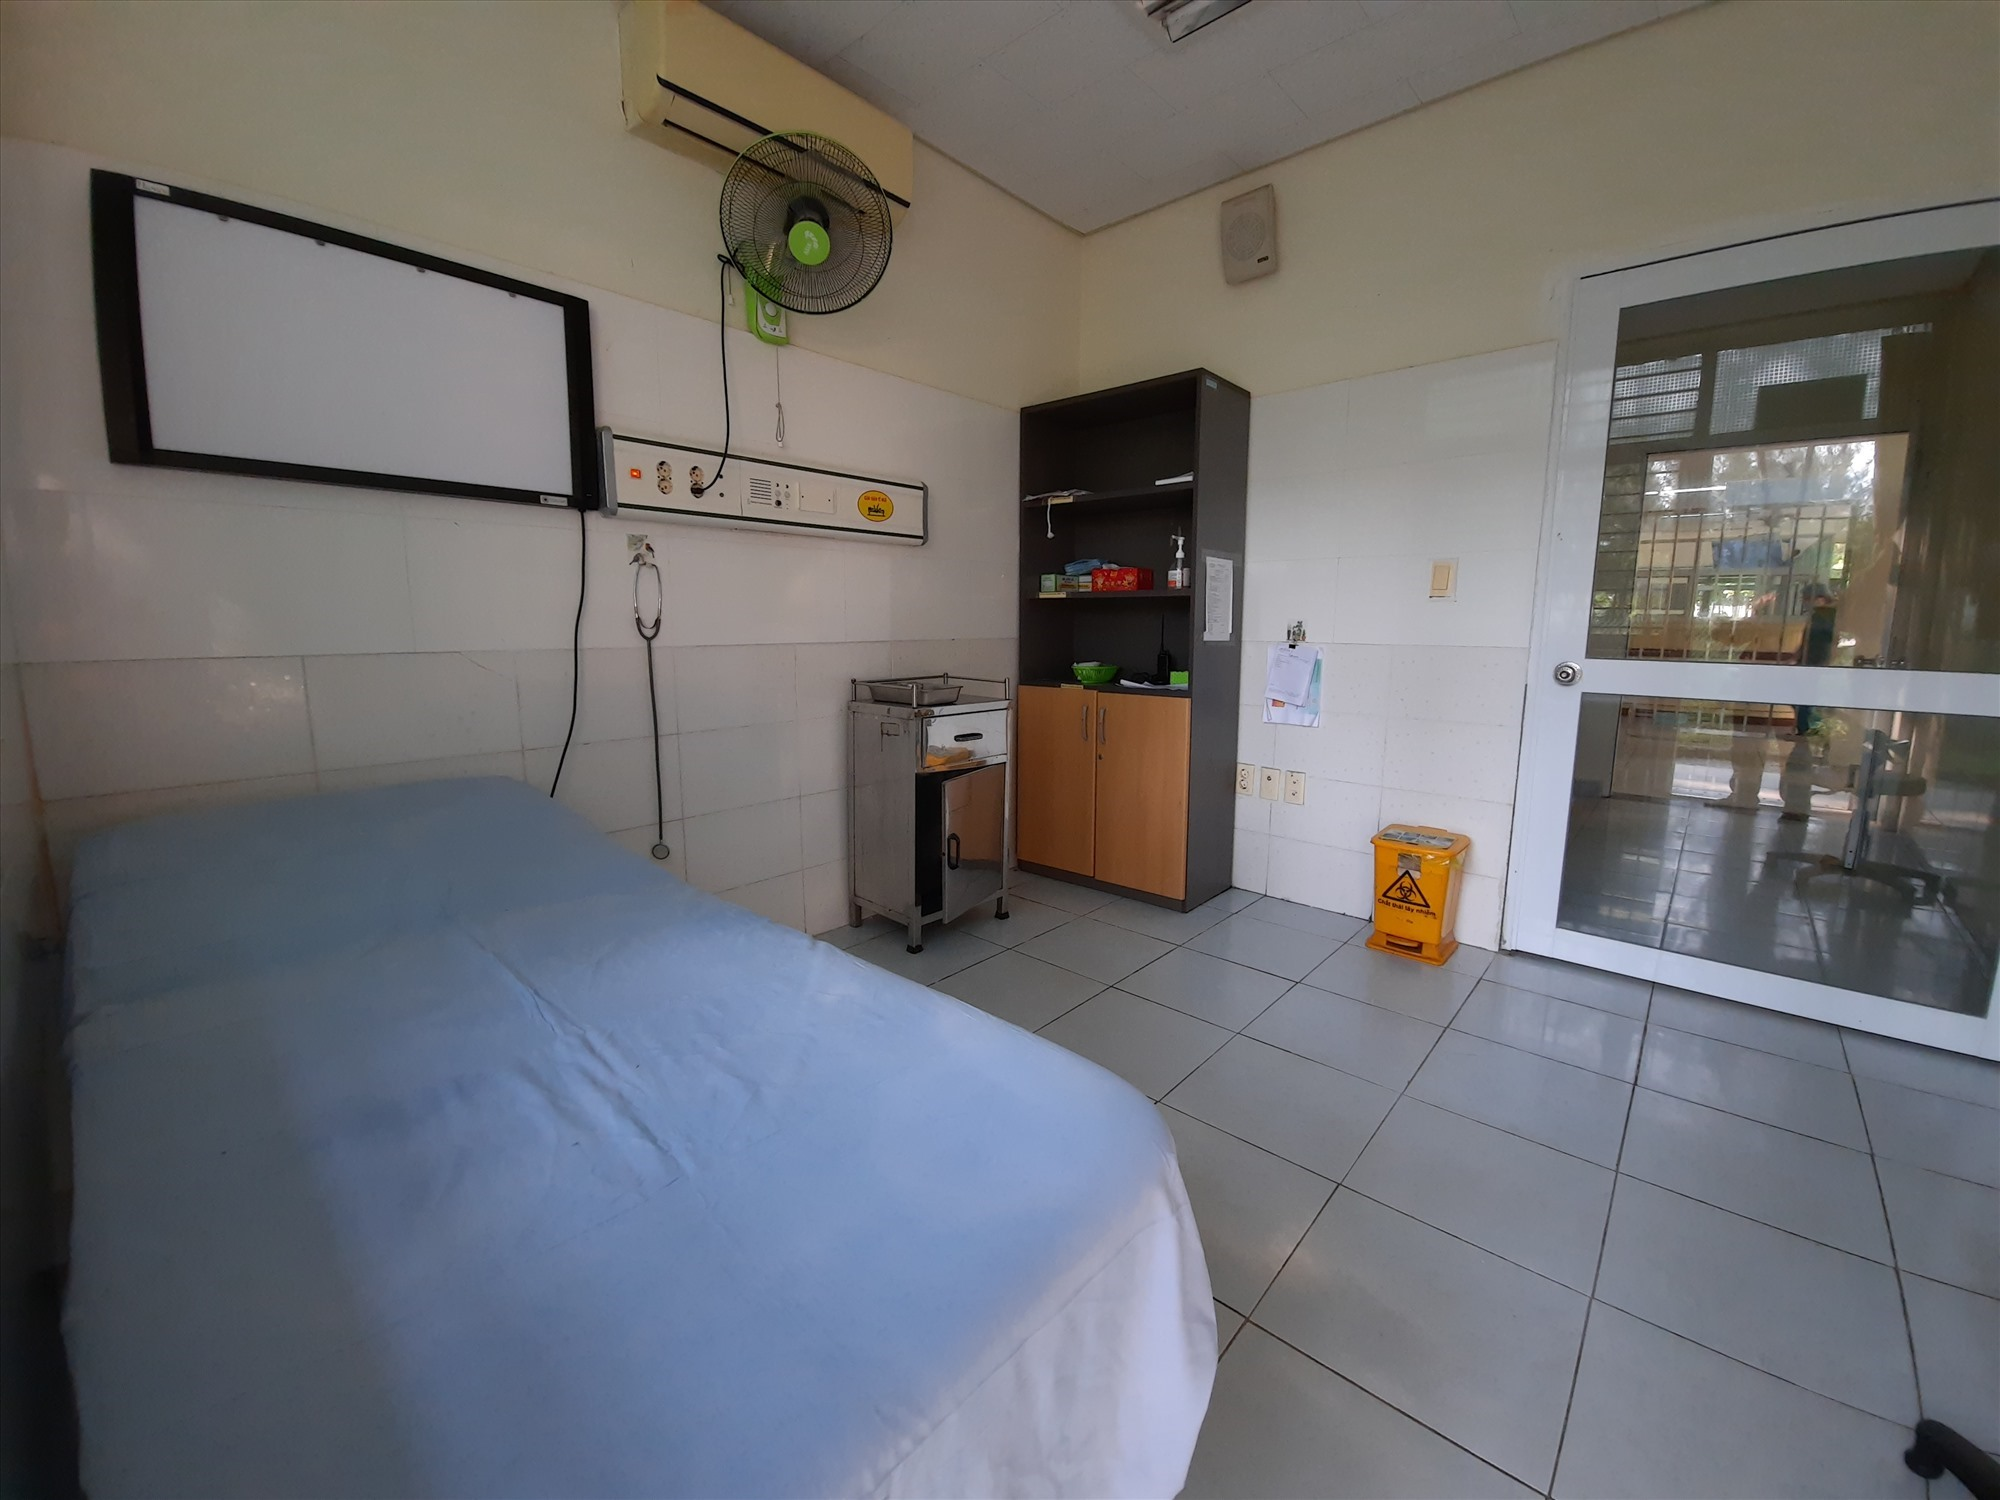 Bên trong phòng khám sàng lọc các trường hợp nghi ngờ nhiễm Covid-19, điều đặc biệt là phòng khám này được cách ly với khu vực an toàn bằng 2 lớp cửa. Ảnh: Đ. ĐẠO